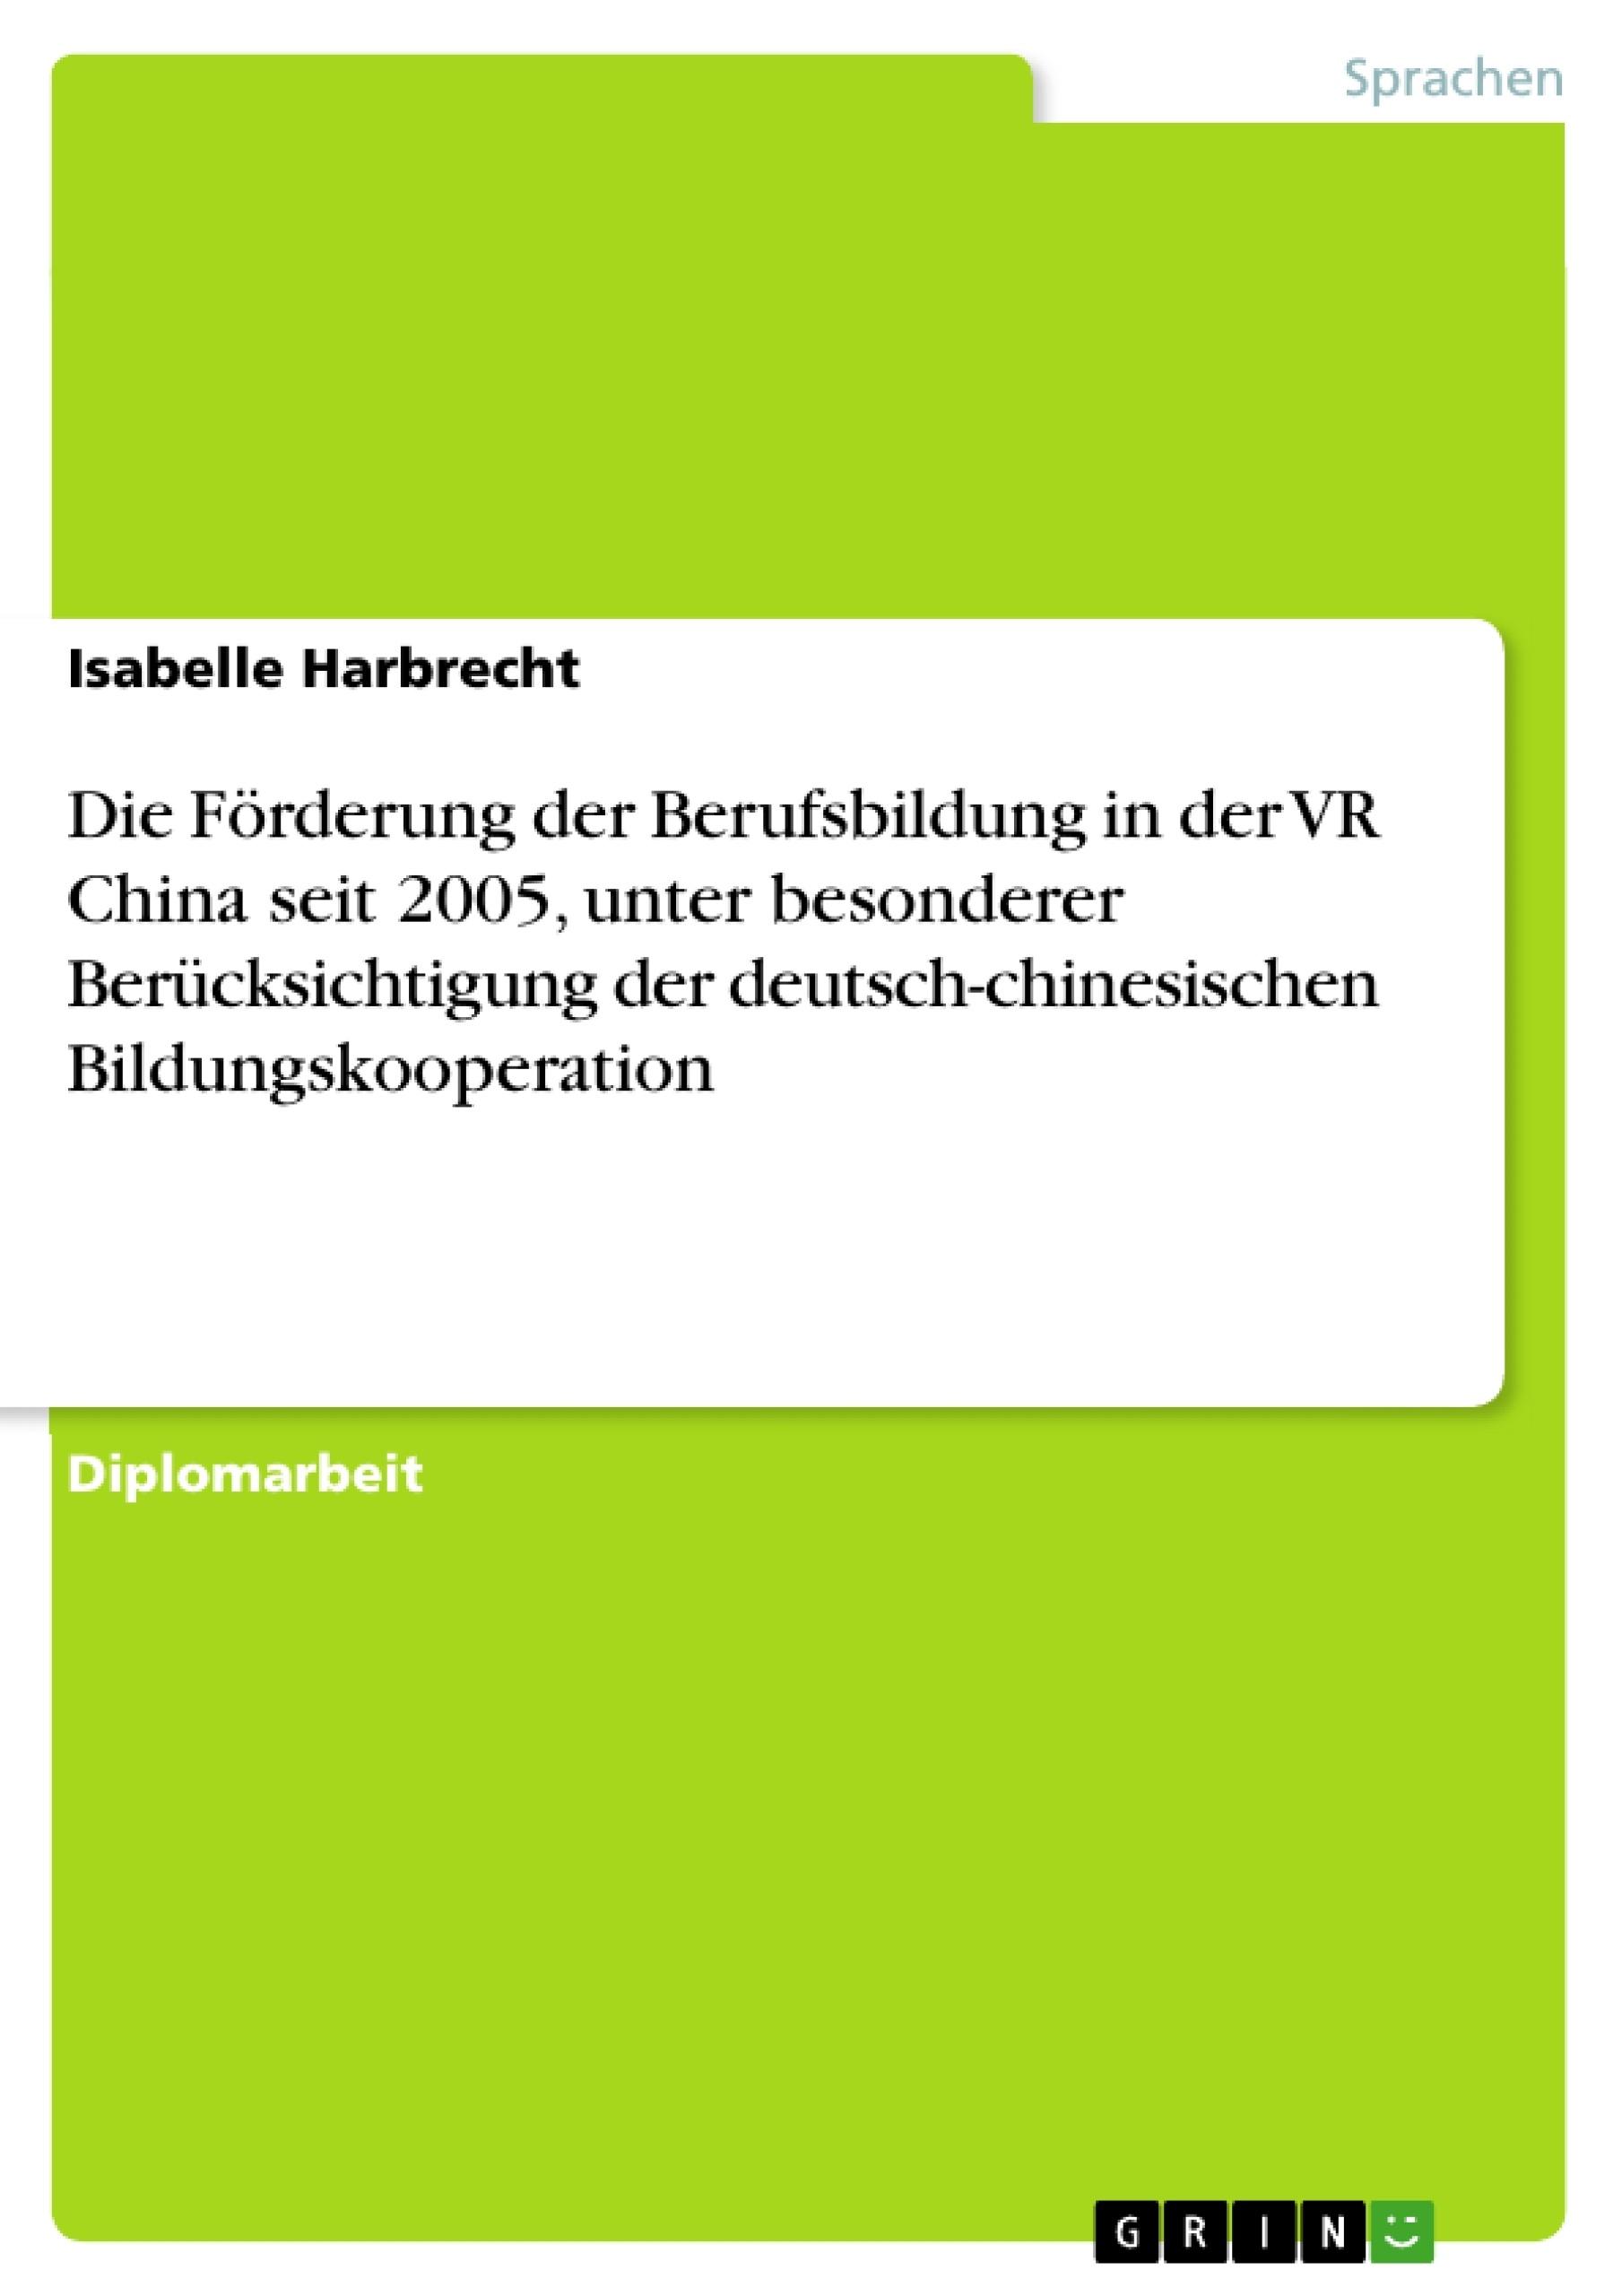 Titel: Die Förderung der Berufsbildung in der VR China seit 2005, unter besonderer Berücksichtigung der deutsch-chinesischen Bildungskooperation